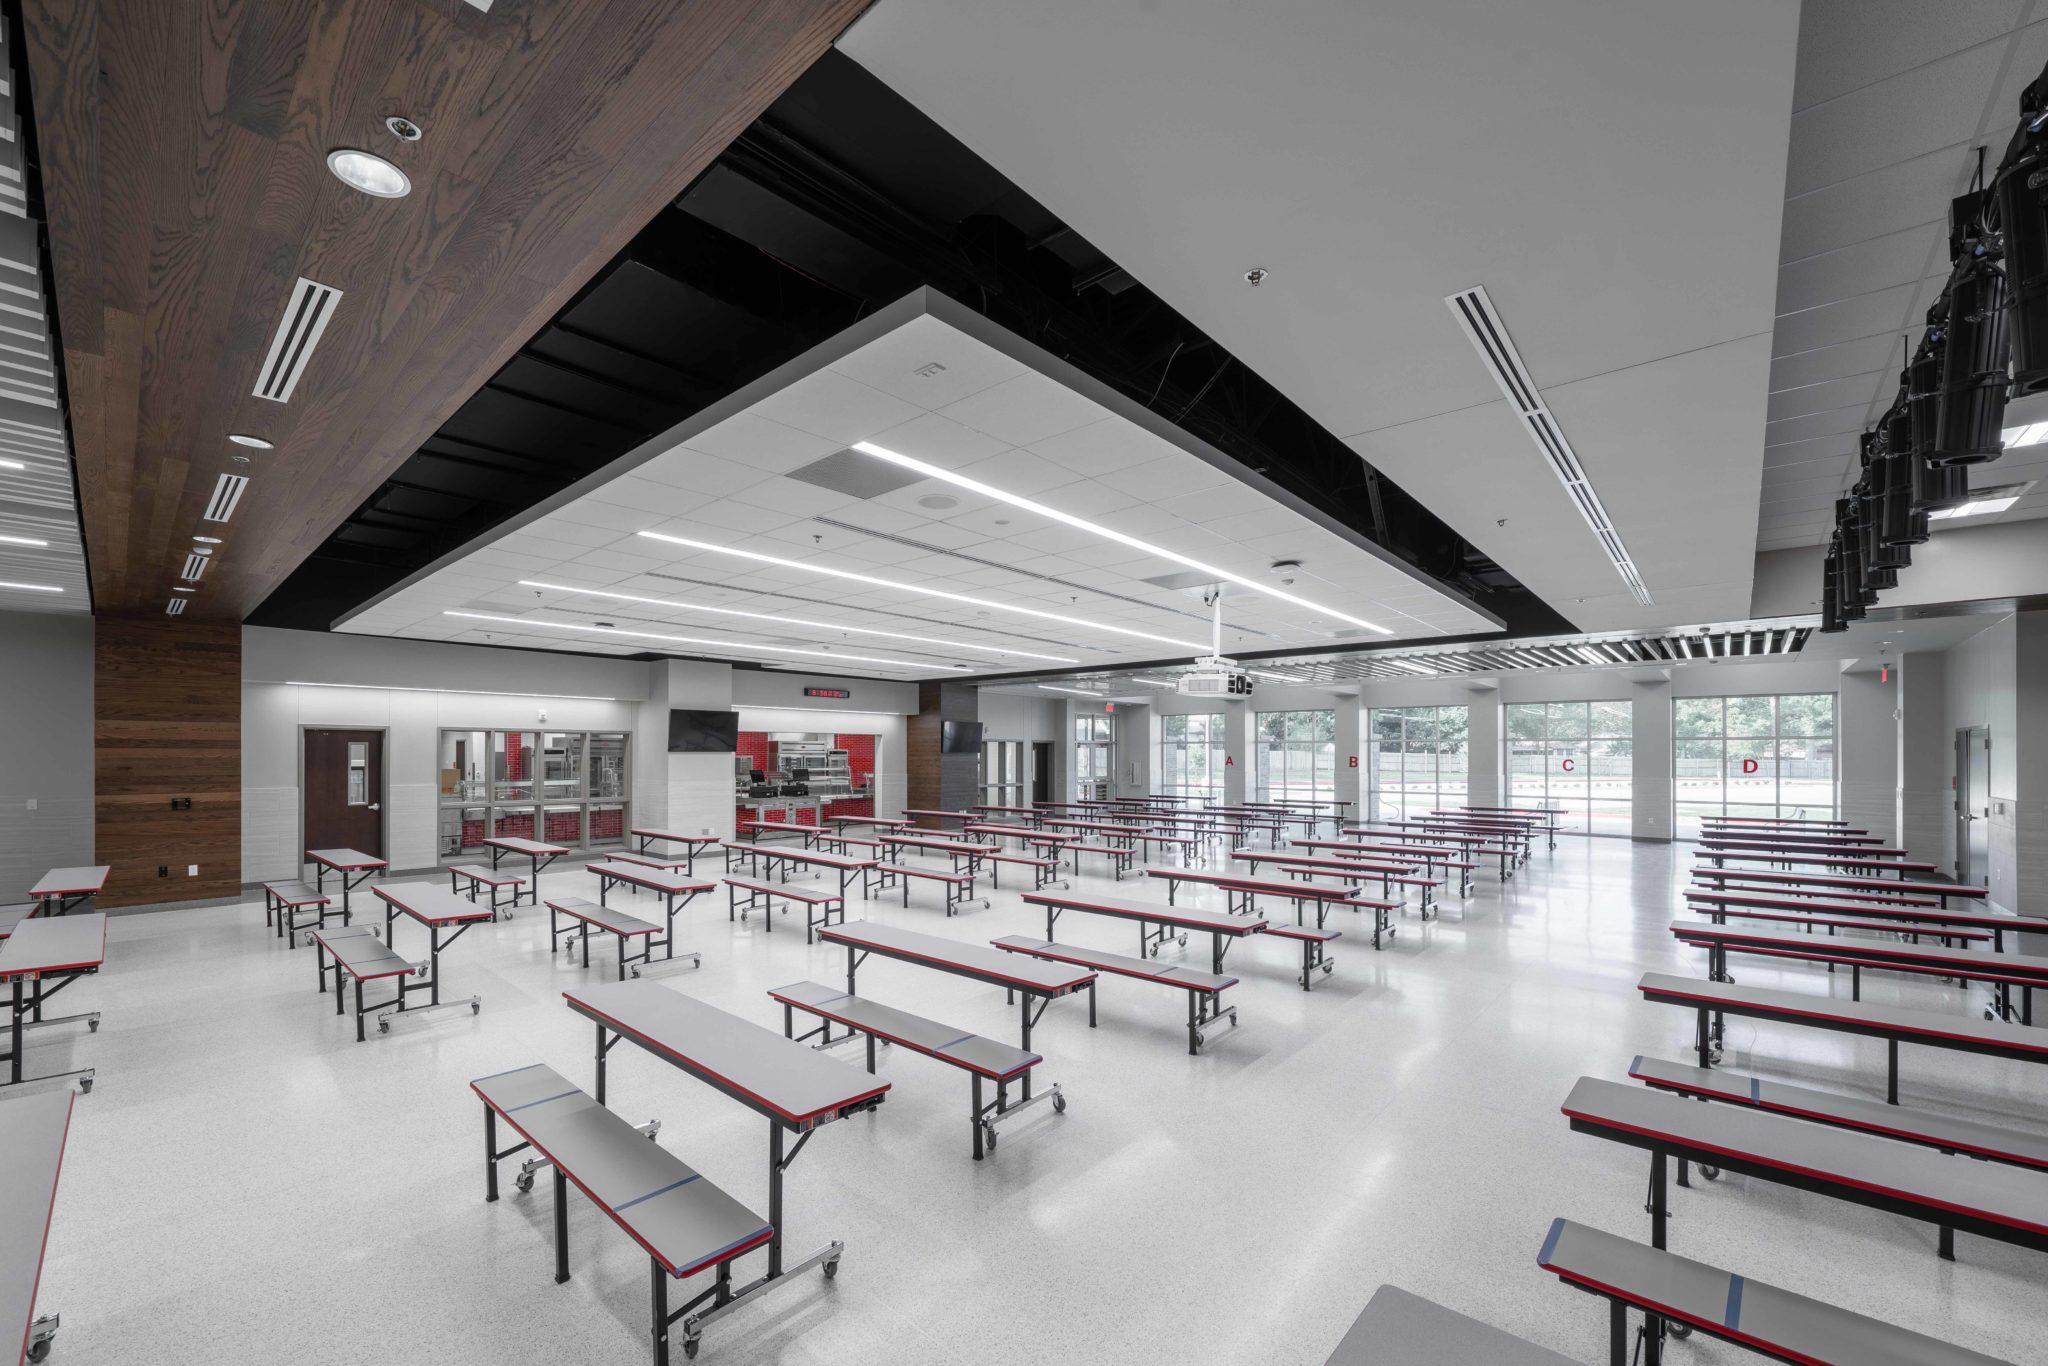 HEB ISD Arbor Creek Elementary Cafetorium